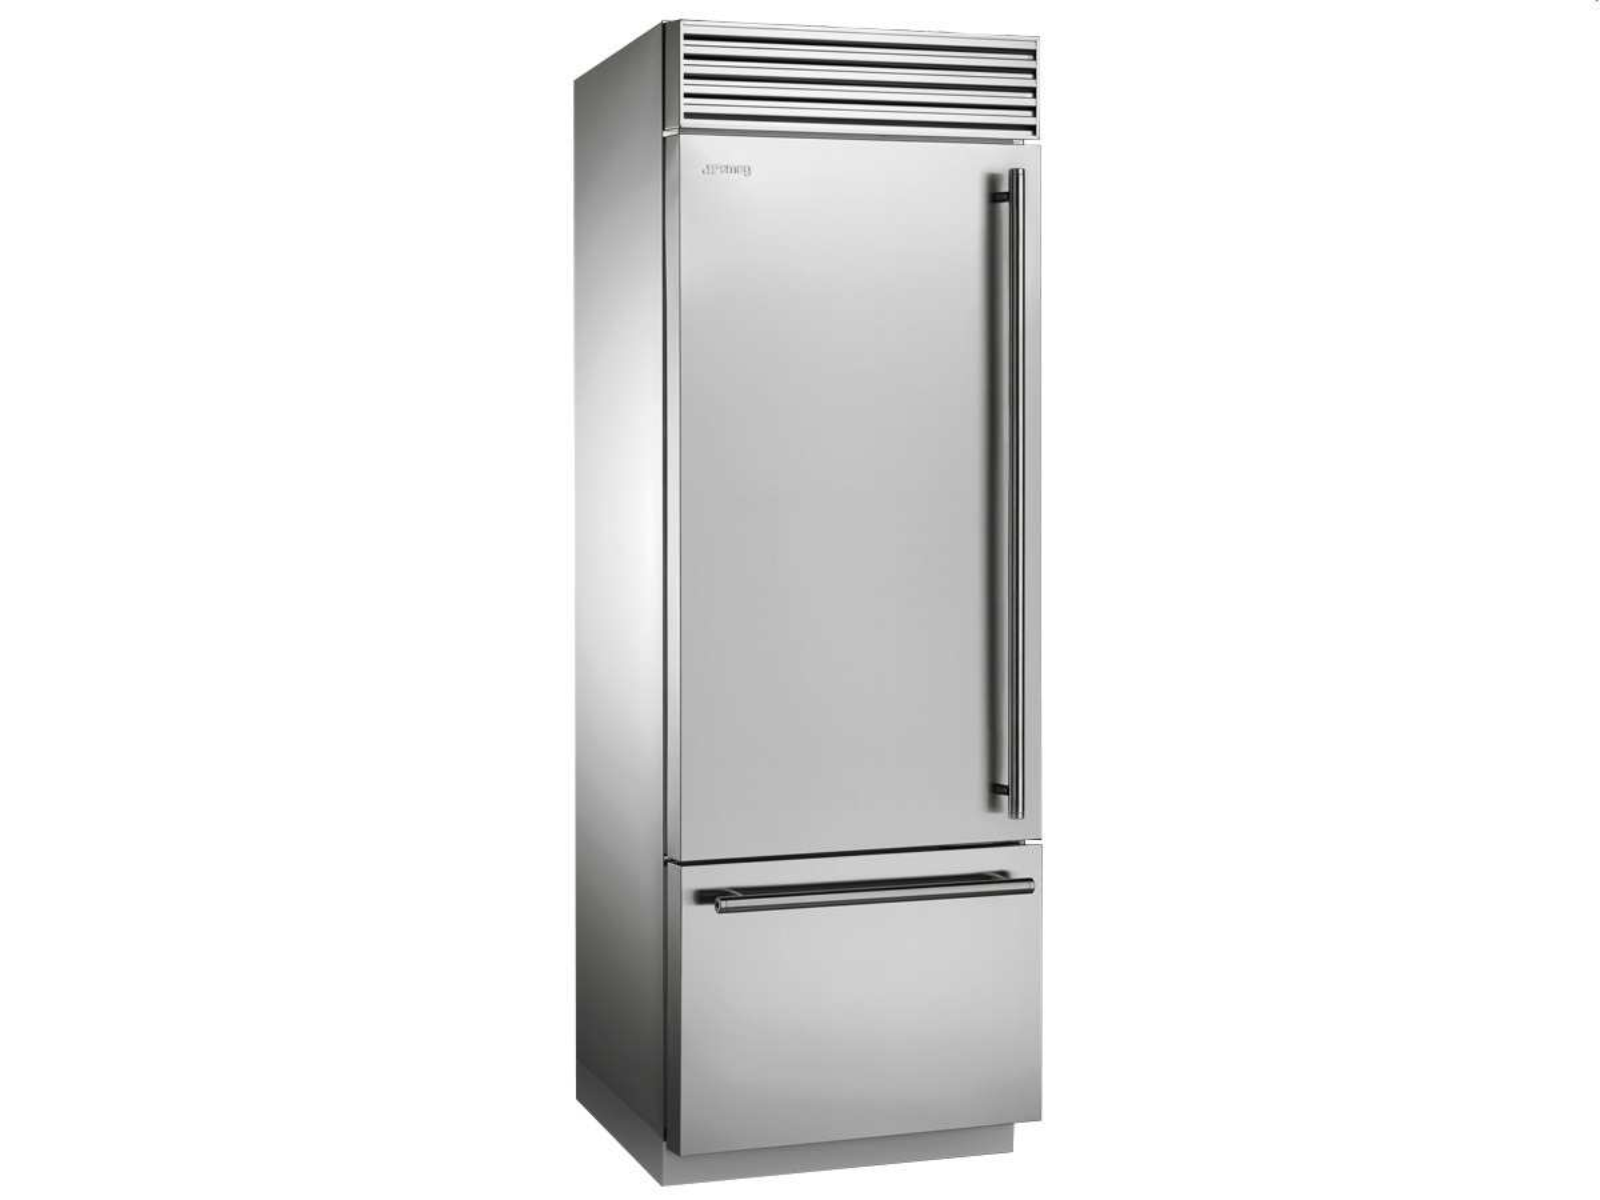 Smeg Kühlschrank Fab30rp1 : Smeg kühlschrank günstig kühlschrank bosch retro helen